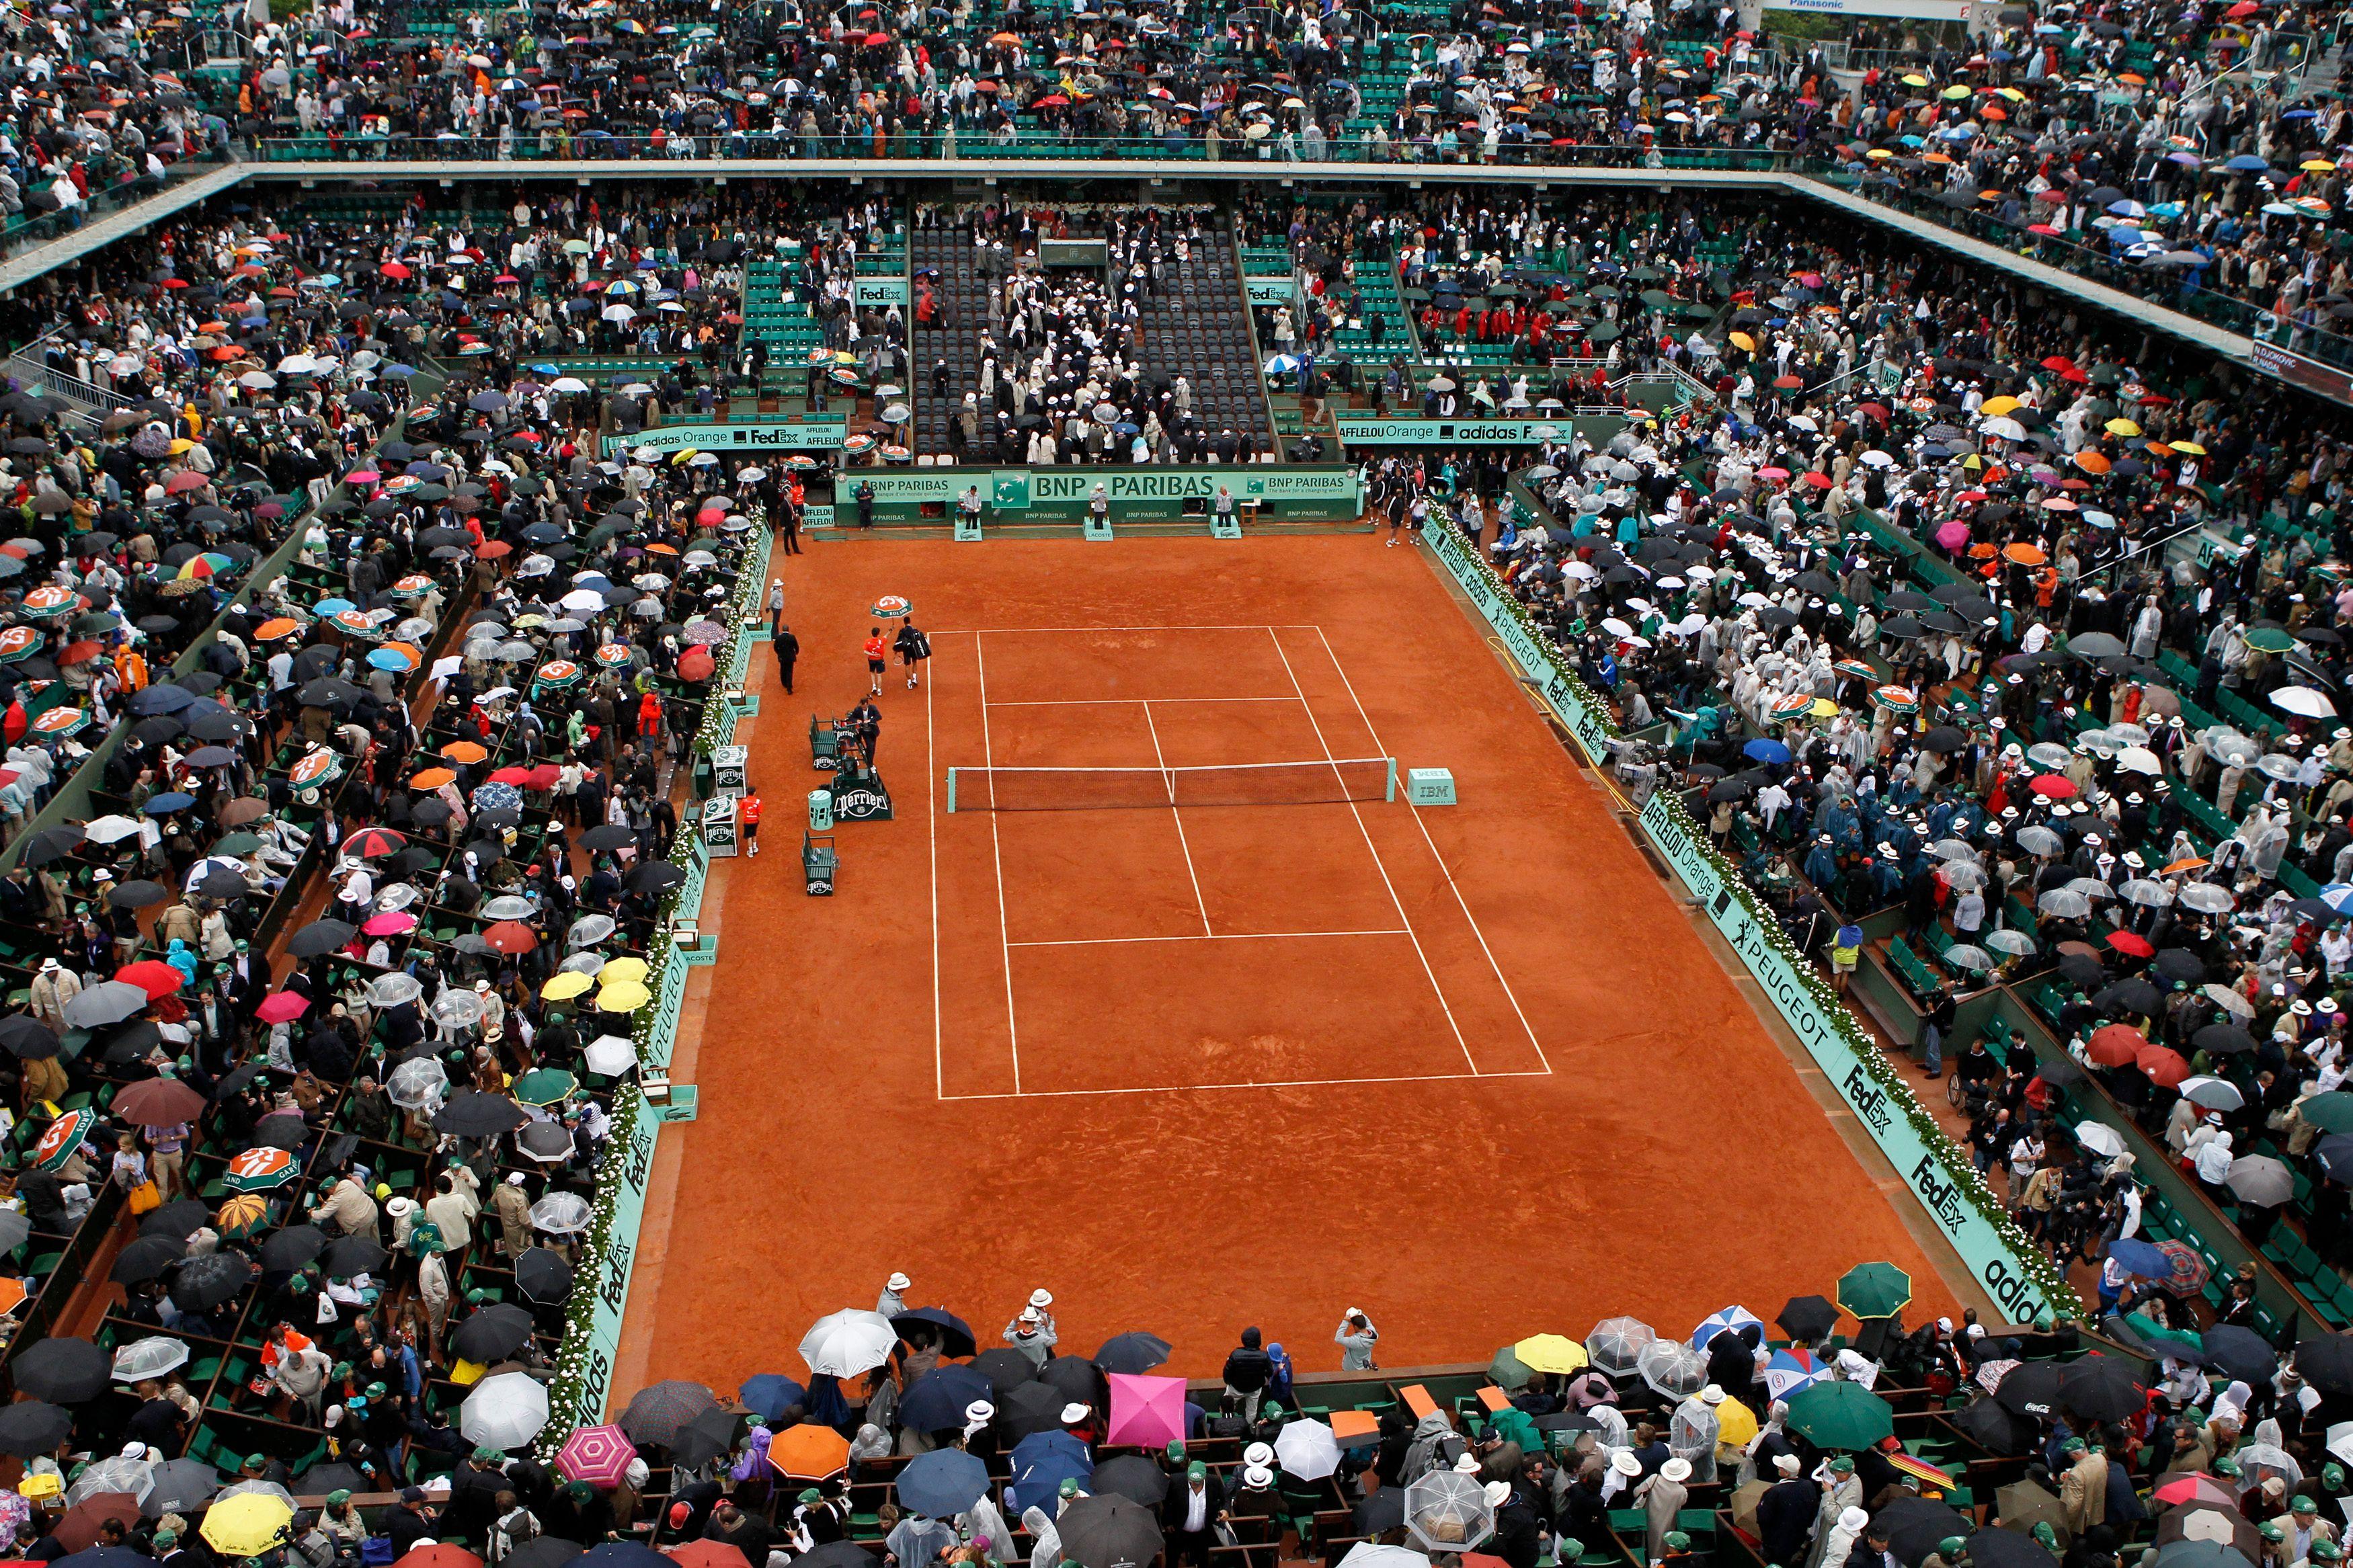 L'extension du site de Roland-Garros a du plomb dans l'aile